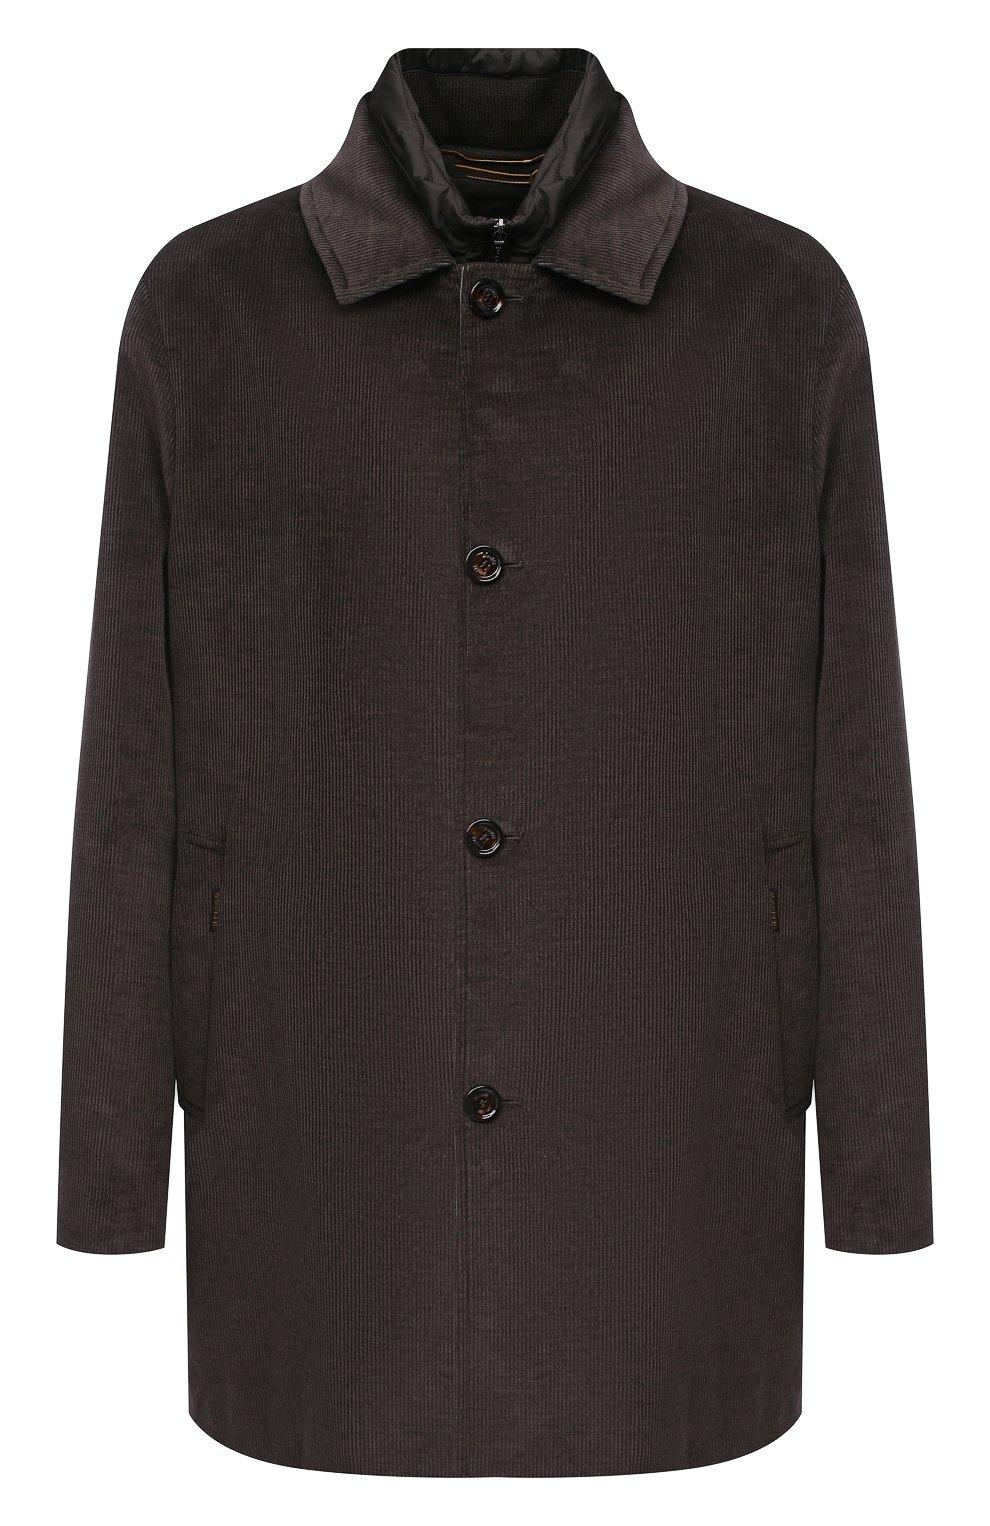 Мужской утепленное пальто из хлопка и шерсти MOORER темно-коричневого цвета, арт. M0NFERRAT0-LUS/A20M910LUSC   Фото 1 (Кросс-КТ: Куртка; Big sizes: Big Sizes; Рукава: Длинные; Материал внешний: Хлопок; Мужское Кросс-КТ: Куртка-верхняя одежда, Верхняя одежда, пальто-верхняя одежда; Материал подклада: Синтетический материал; Стили: Кэжуэл)